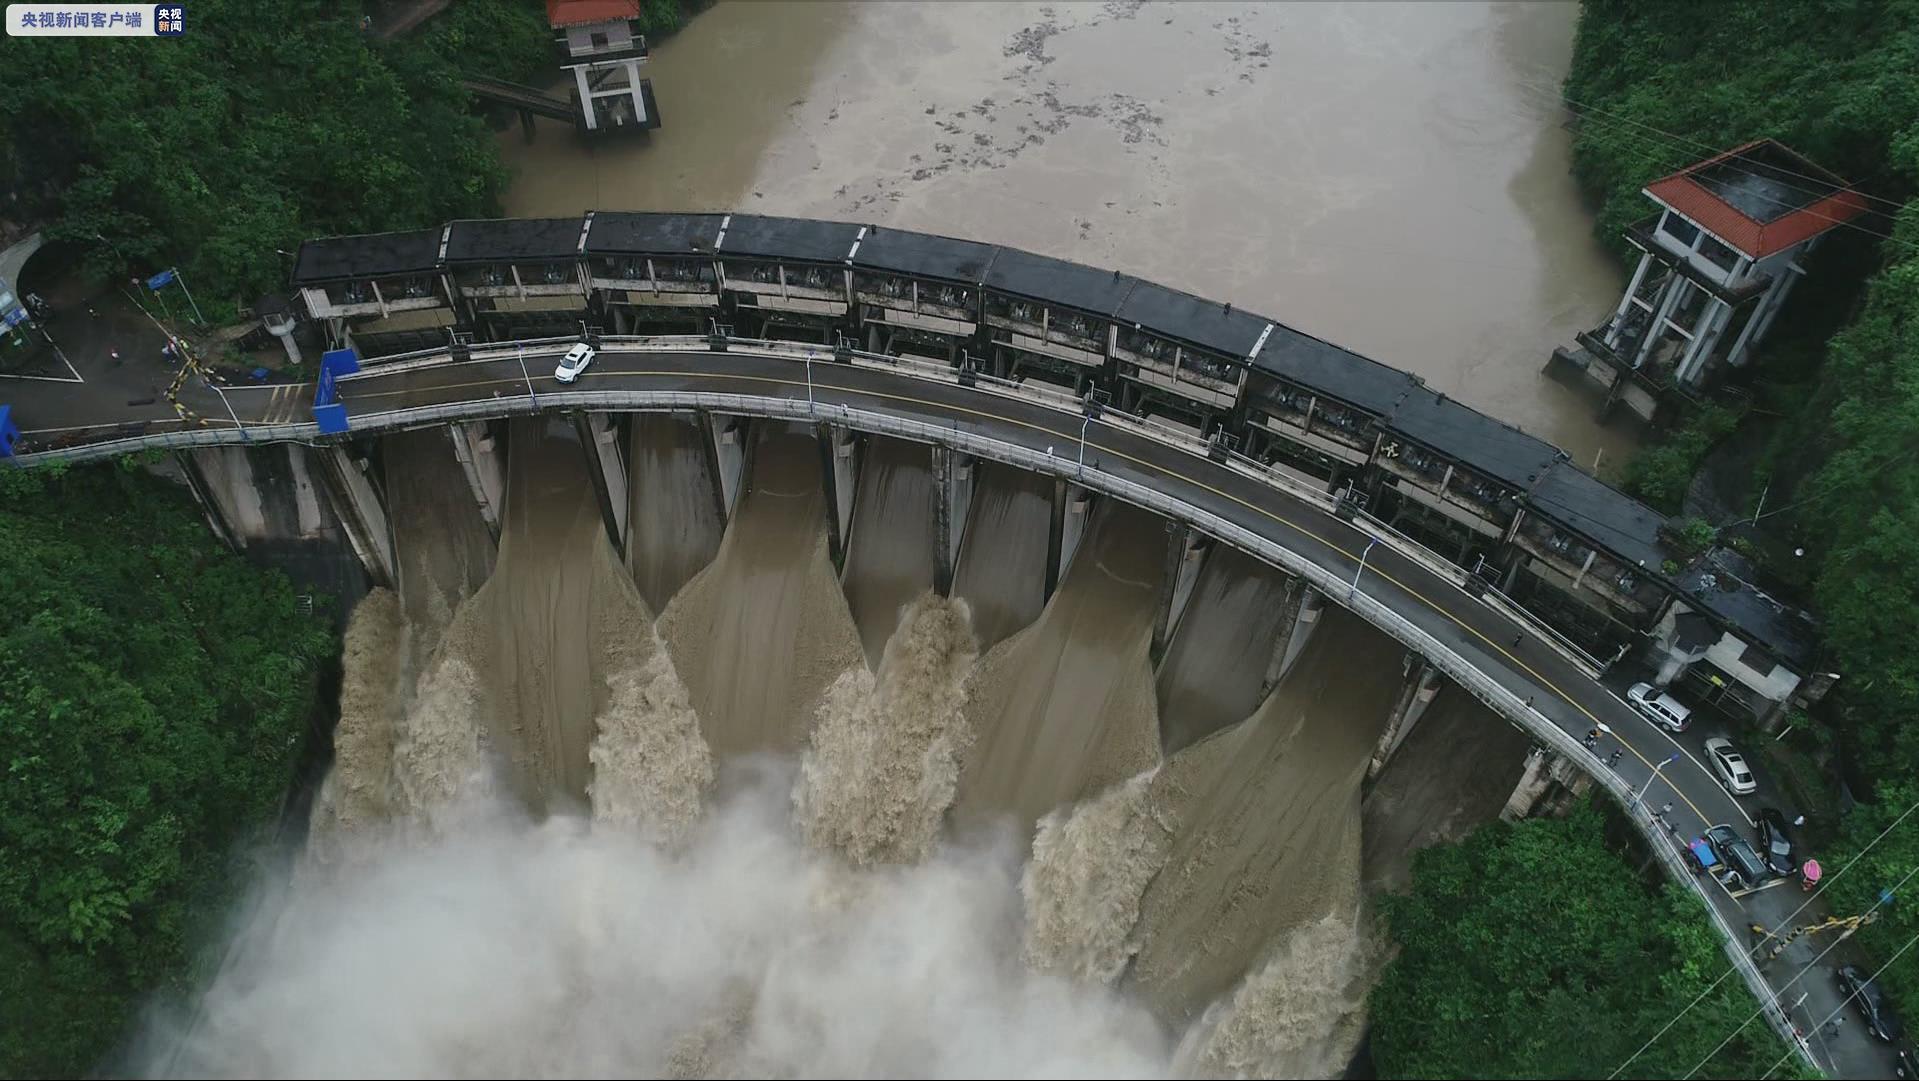 杏悦:湖南3杏悦艘渡船被洪水冲向电站大坝众人图片